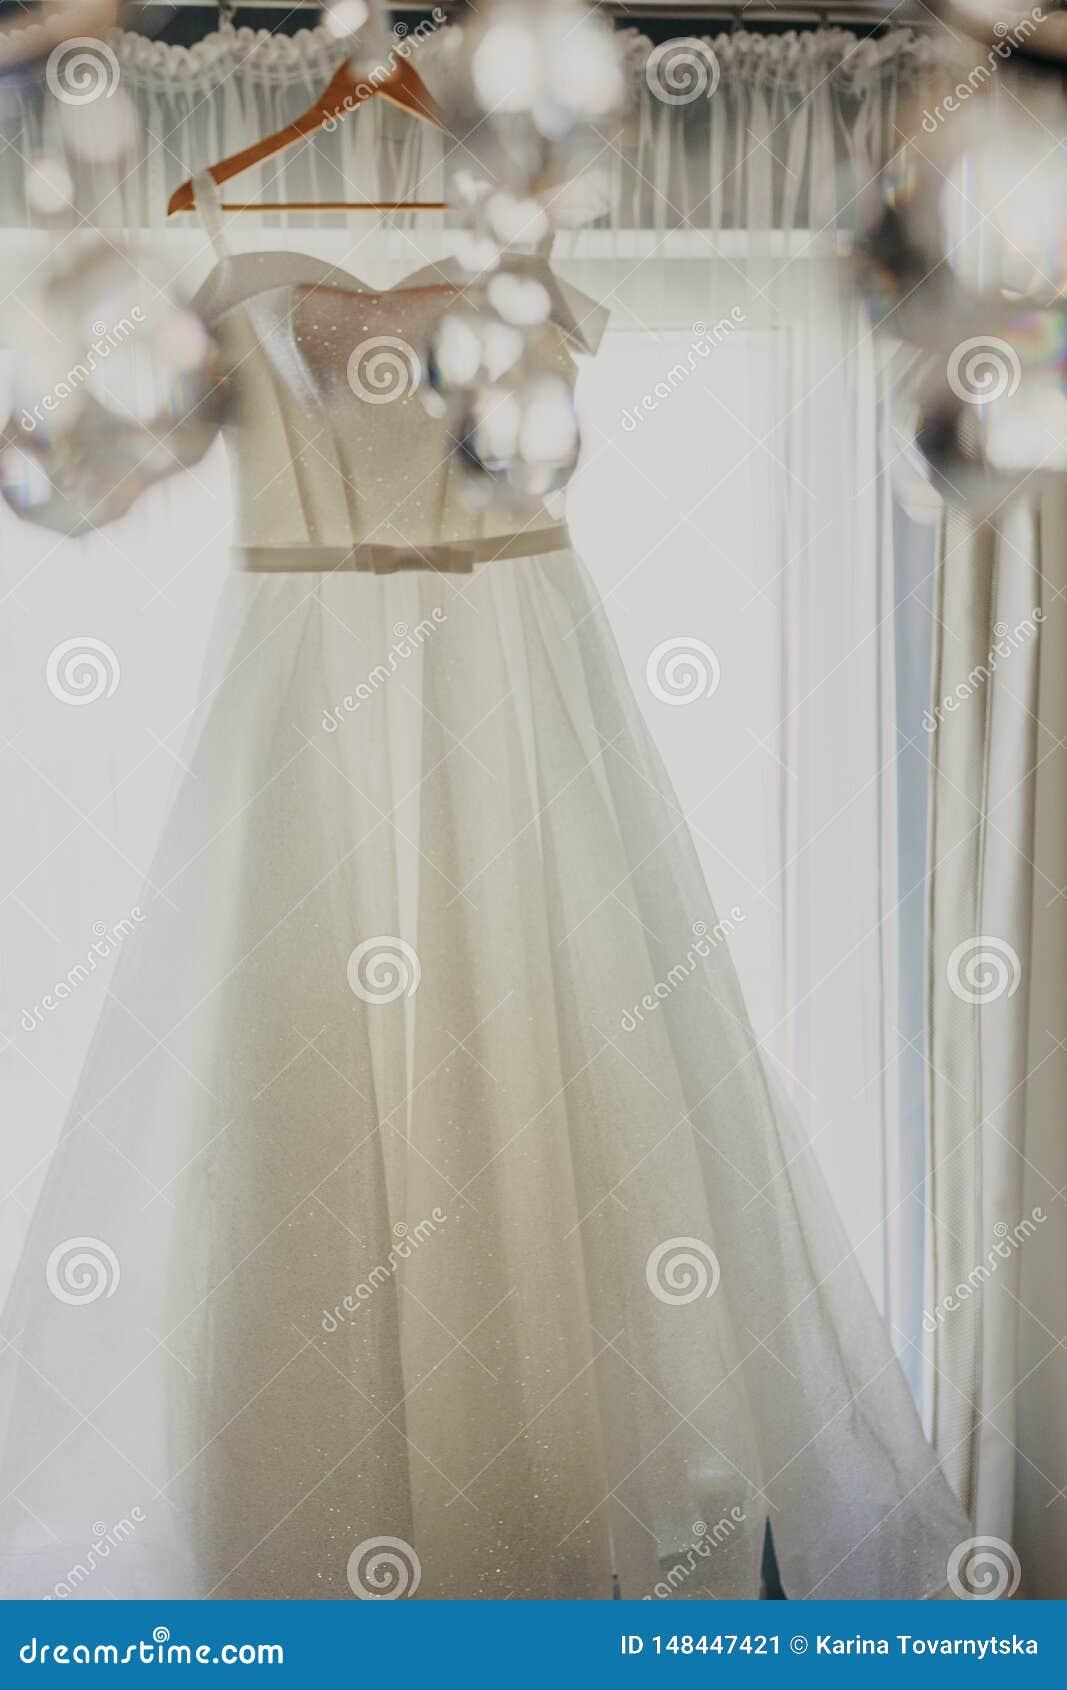 De kleding van het huwelijk Witte huwelijkskleding met een volledige rok op een hanger in de ruimte van de bruid met witte gordij